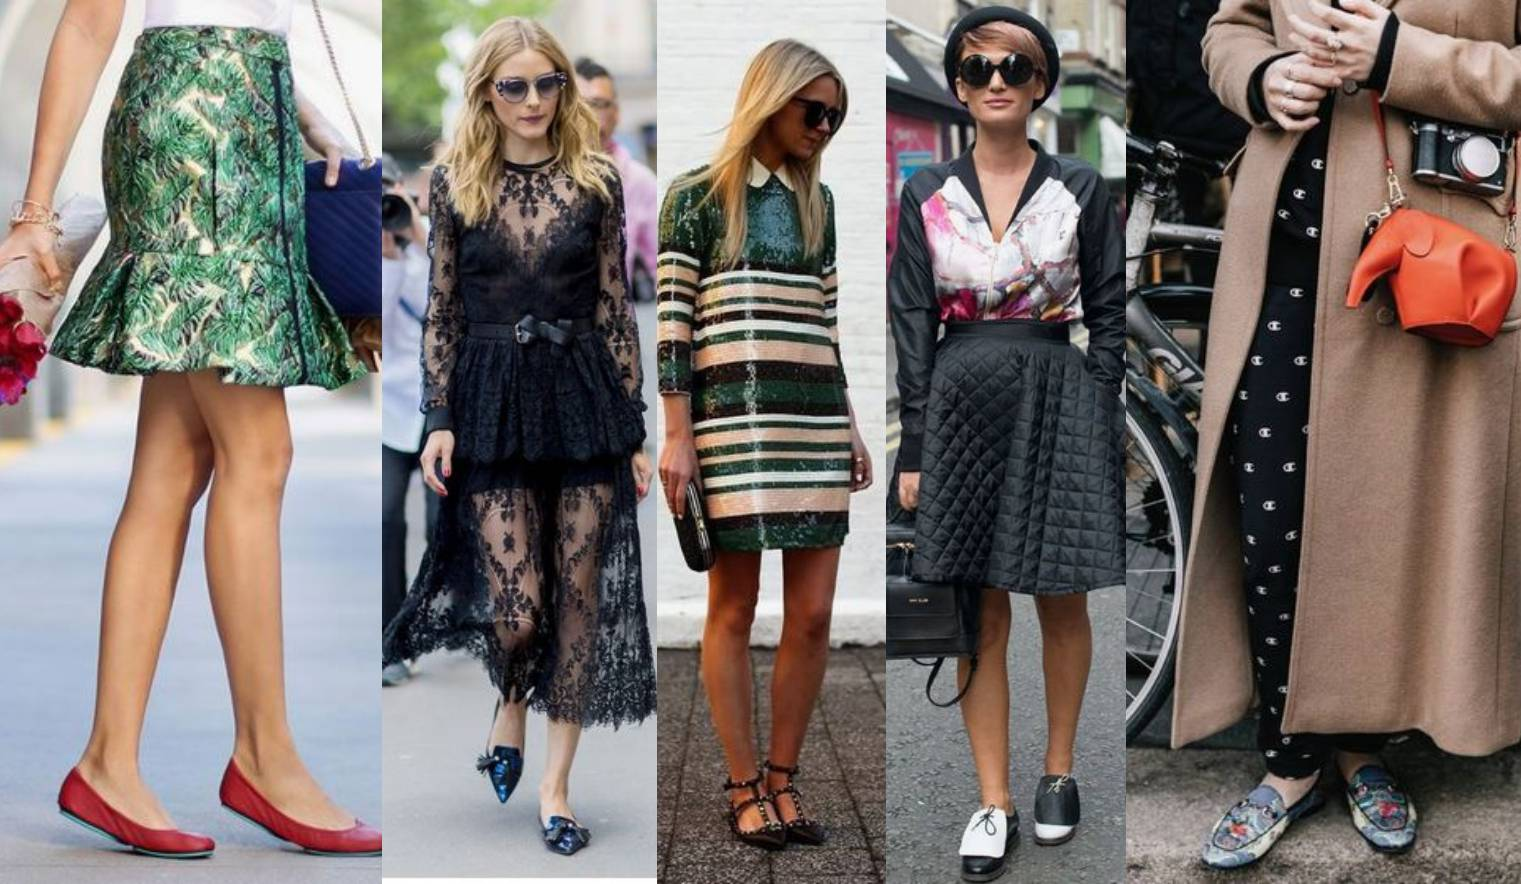 Party bez visokih potpetica: 10 chic večernjih kombinacija s elegantnim ravnim cipelama